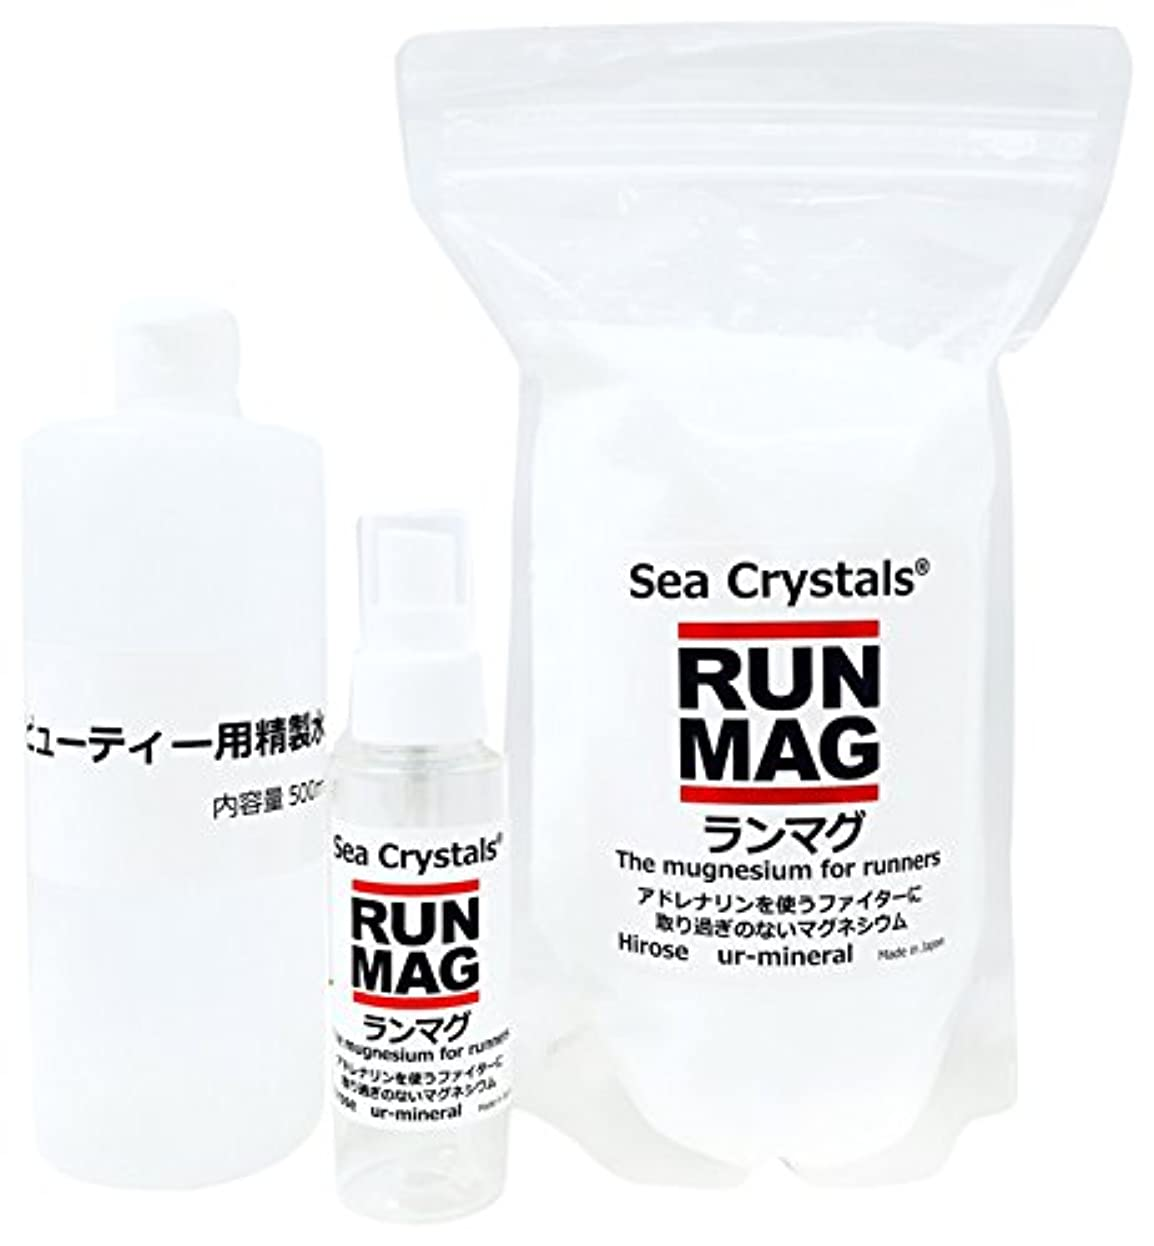 ファンシー独立無力ランマグ?マグネシウムオイル 500g 化粧品登録 日本製 1日マグネシウム360mg使用  精製水付き